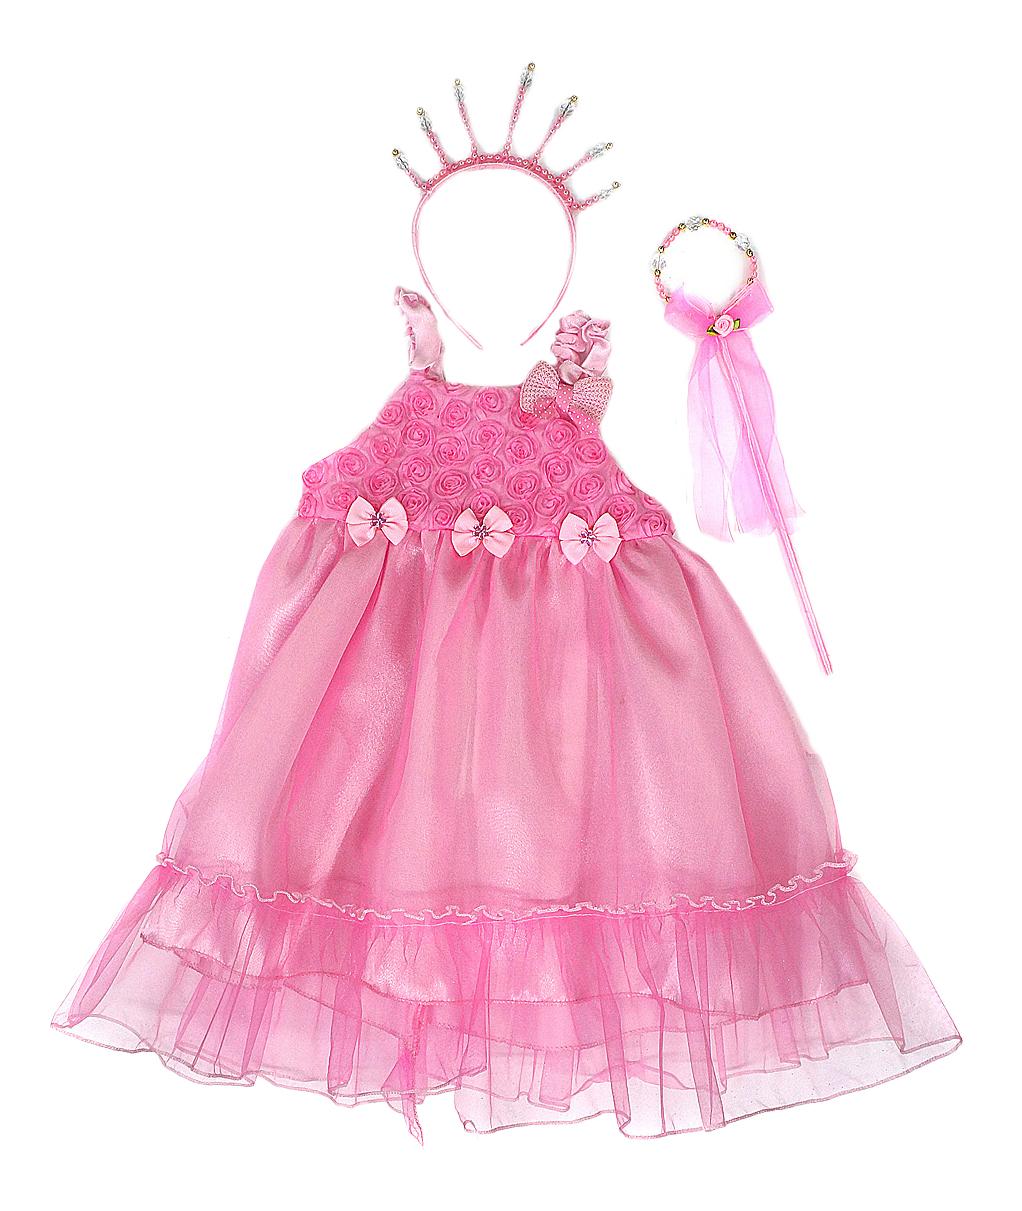 Карнавальный костюм Новогодняя сказка Принцесса платье